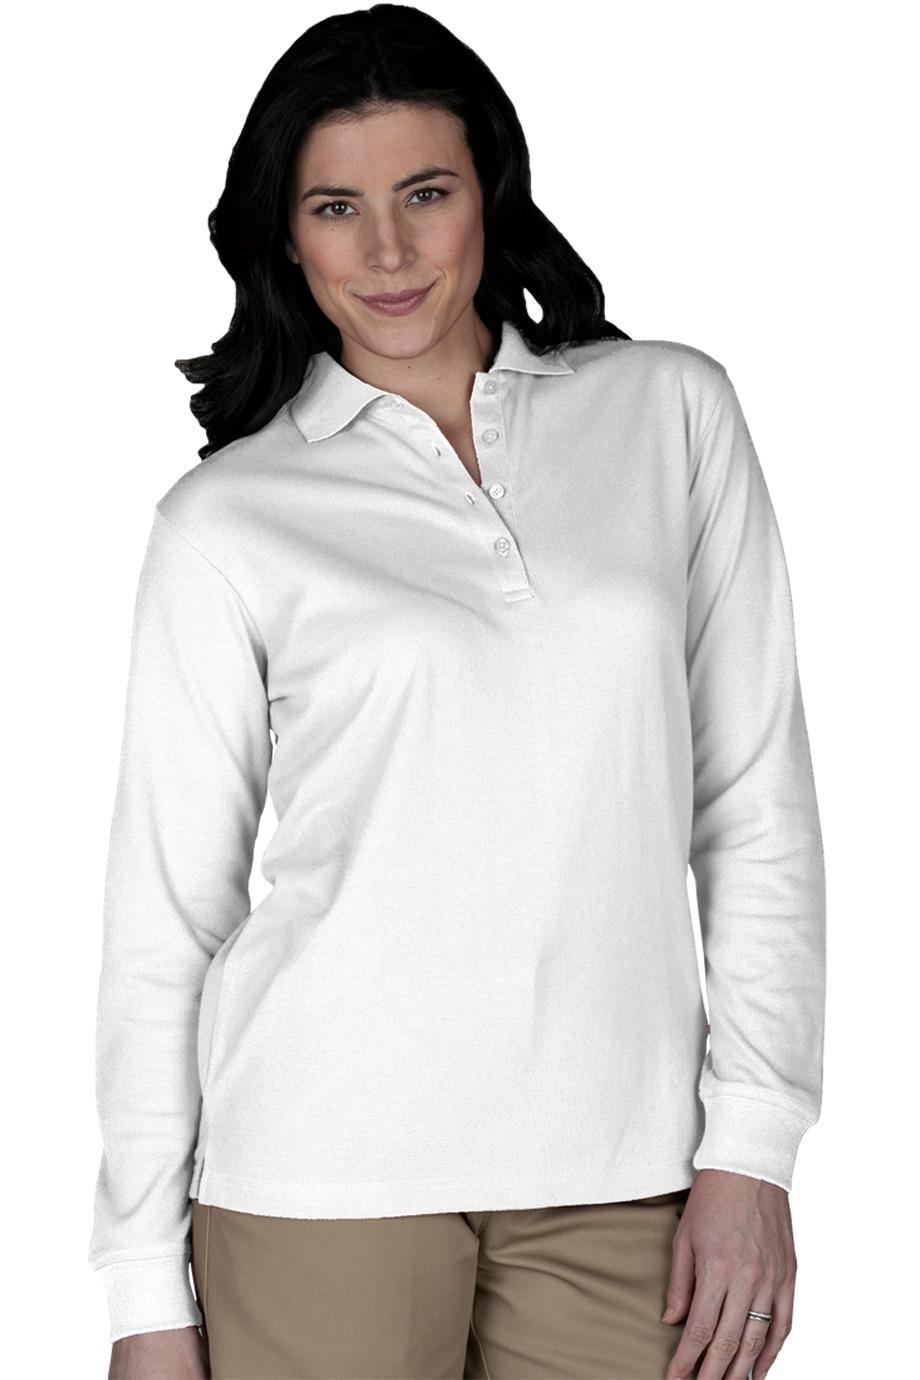 Edwards Garment 5515 - Women's Long Sleeve Pique Polo